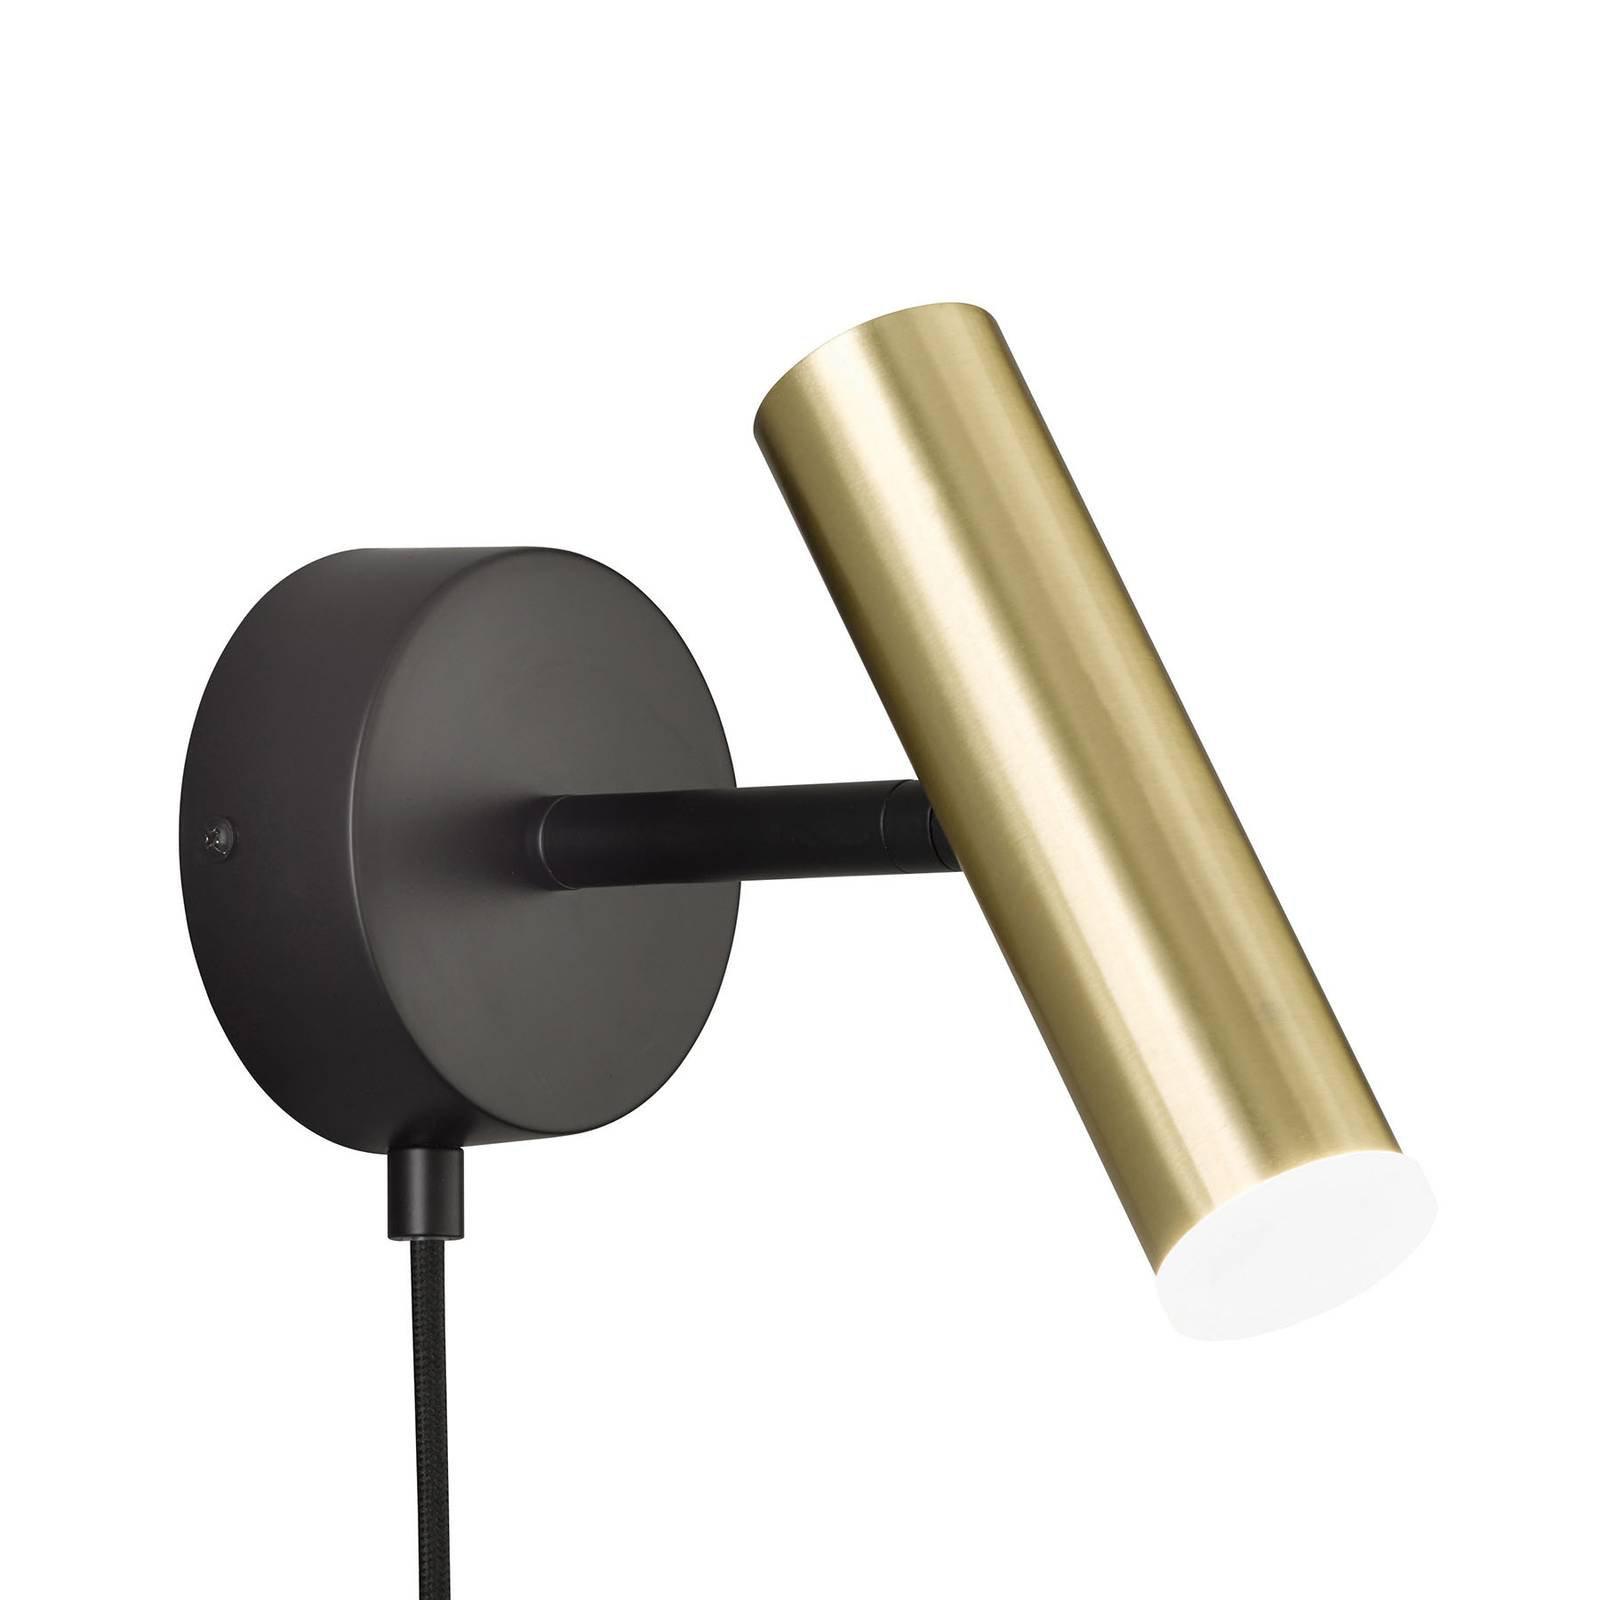 Schöner Wohnen Stina LED-vegglampe, gull